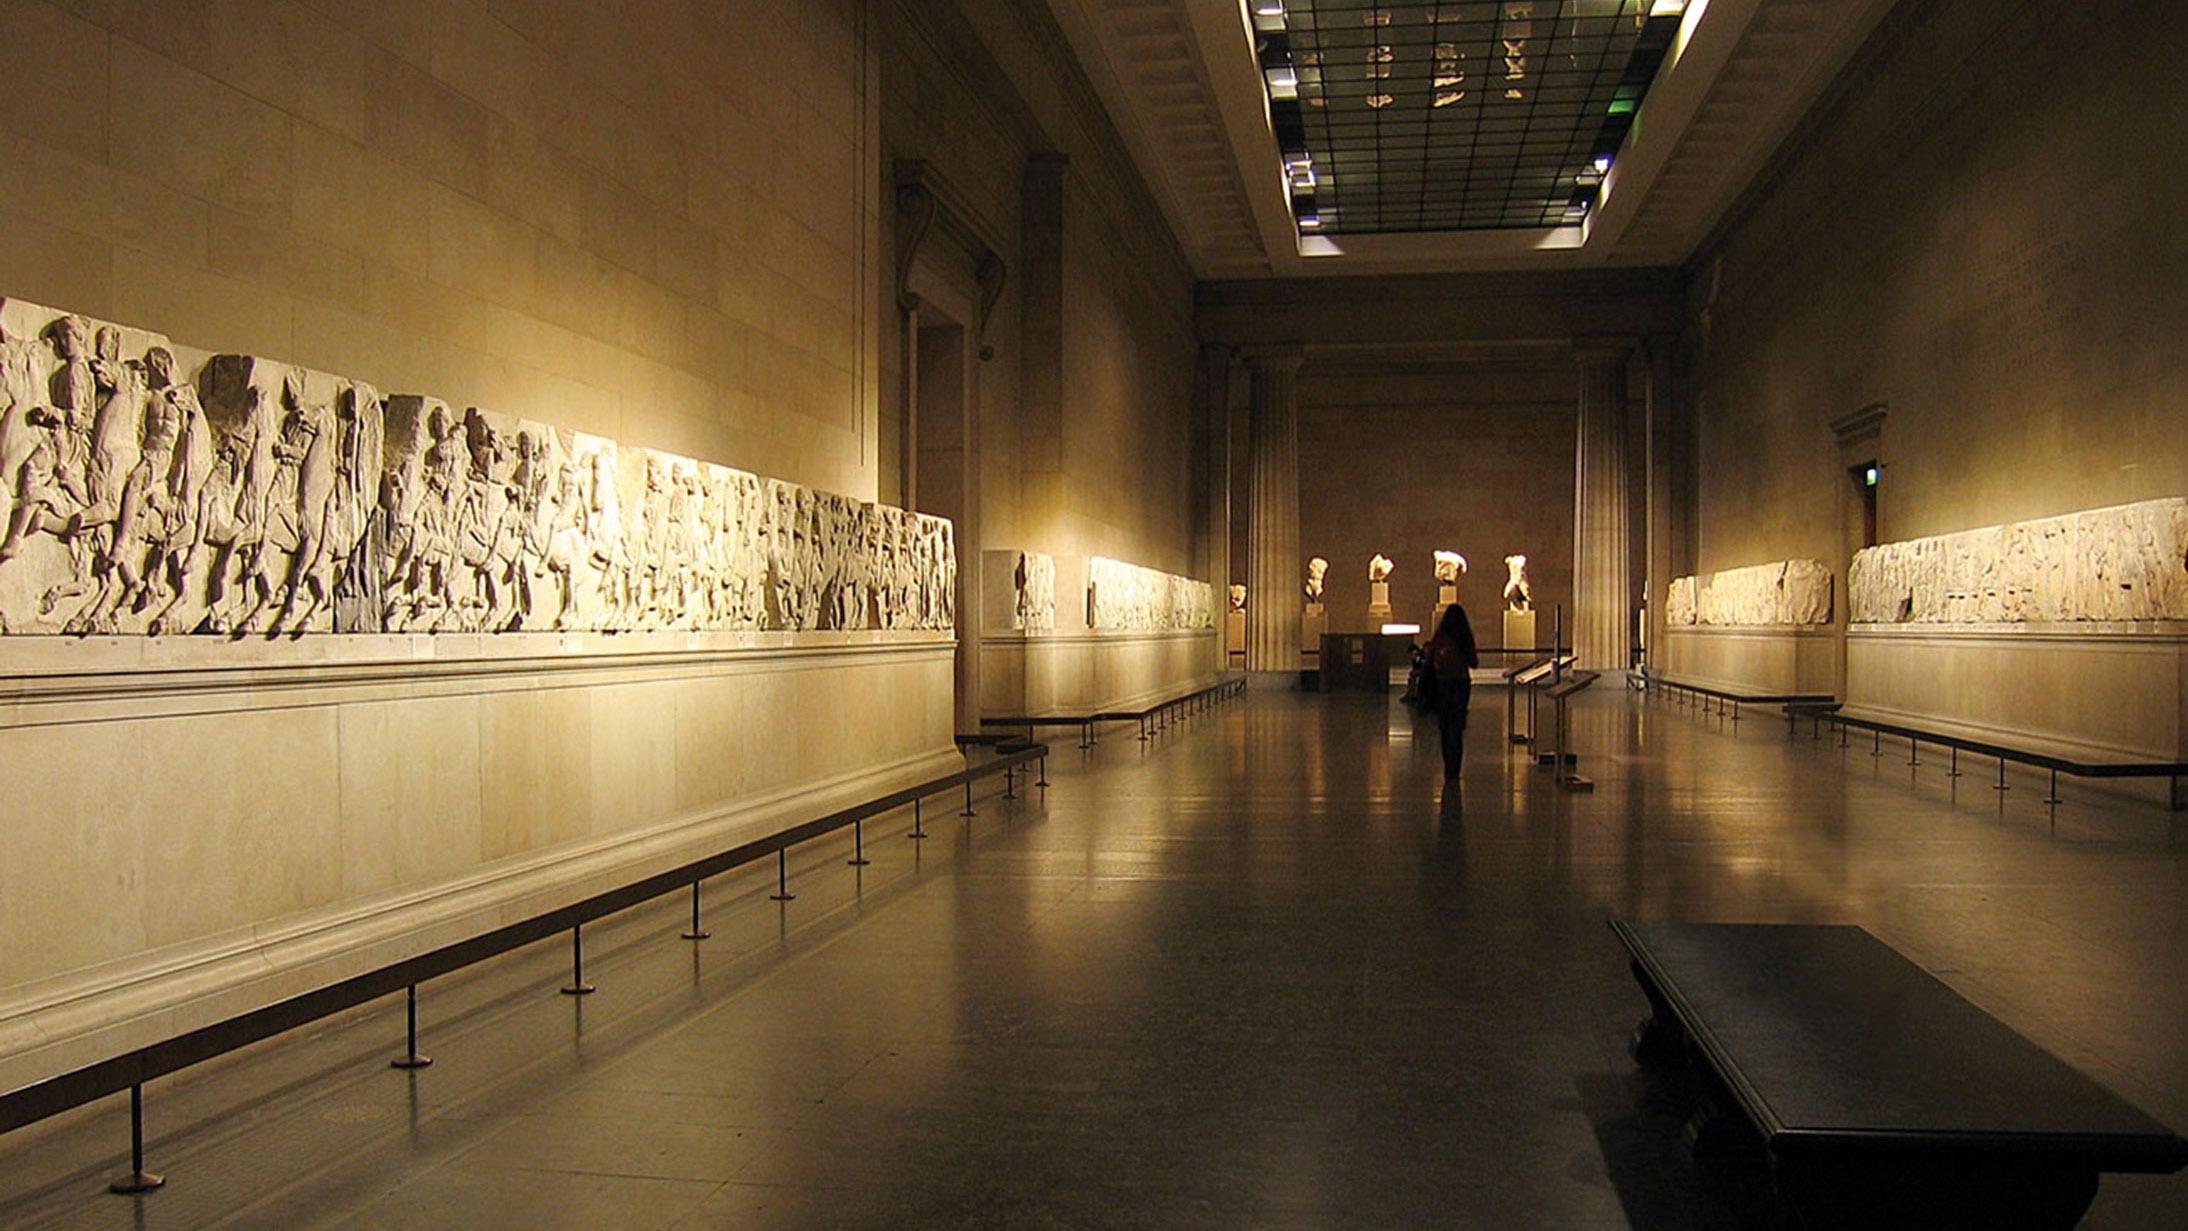 Les statues et les frises de marbre du Parthénon qui se trouvaient à bord du Mentor lors de son naufrage ont été récupérées et vendues au British Museum, où elles sont maintenant exposées.